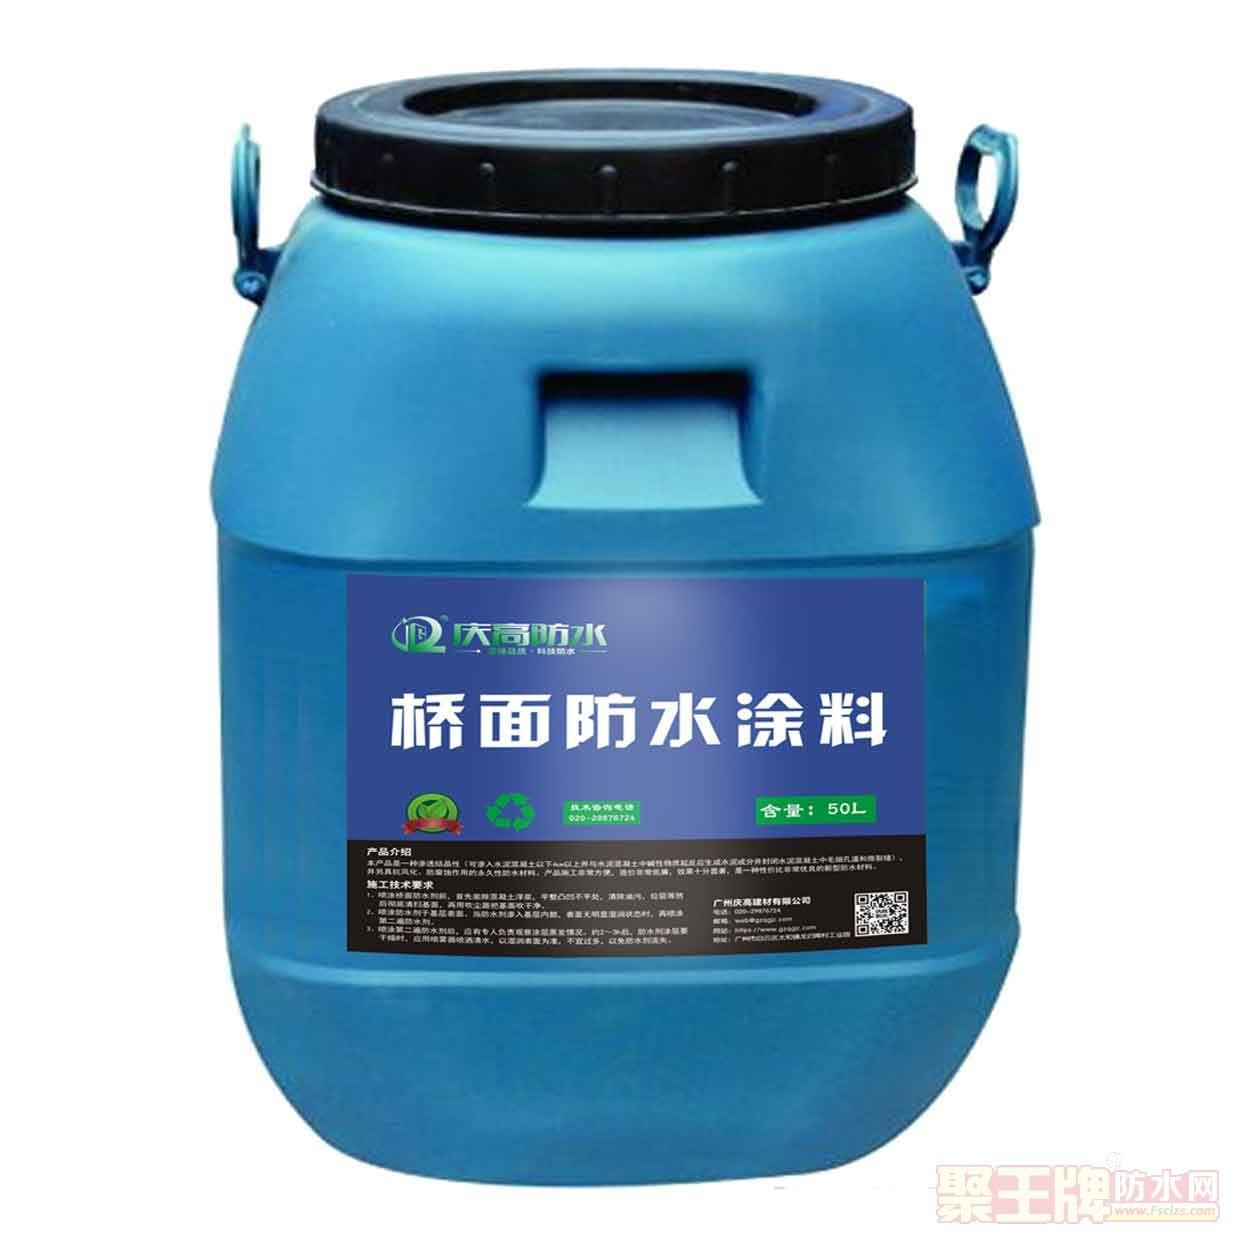 广州防水十大品牌之一厂家直销桥面防水